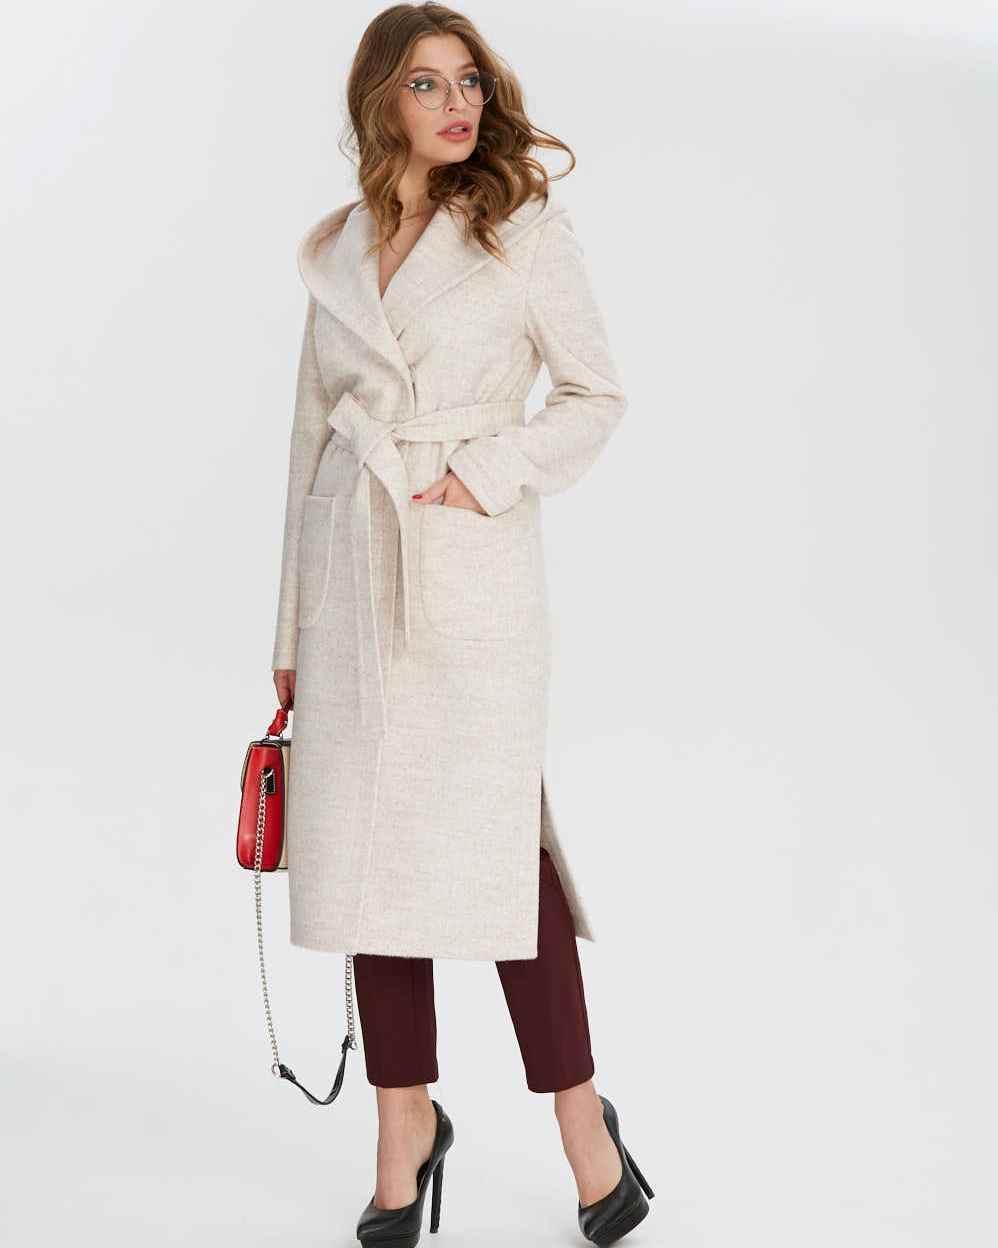 Легкое пальто без подкладки с капюшоном, размеры 44-56